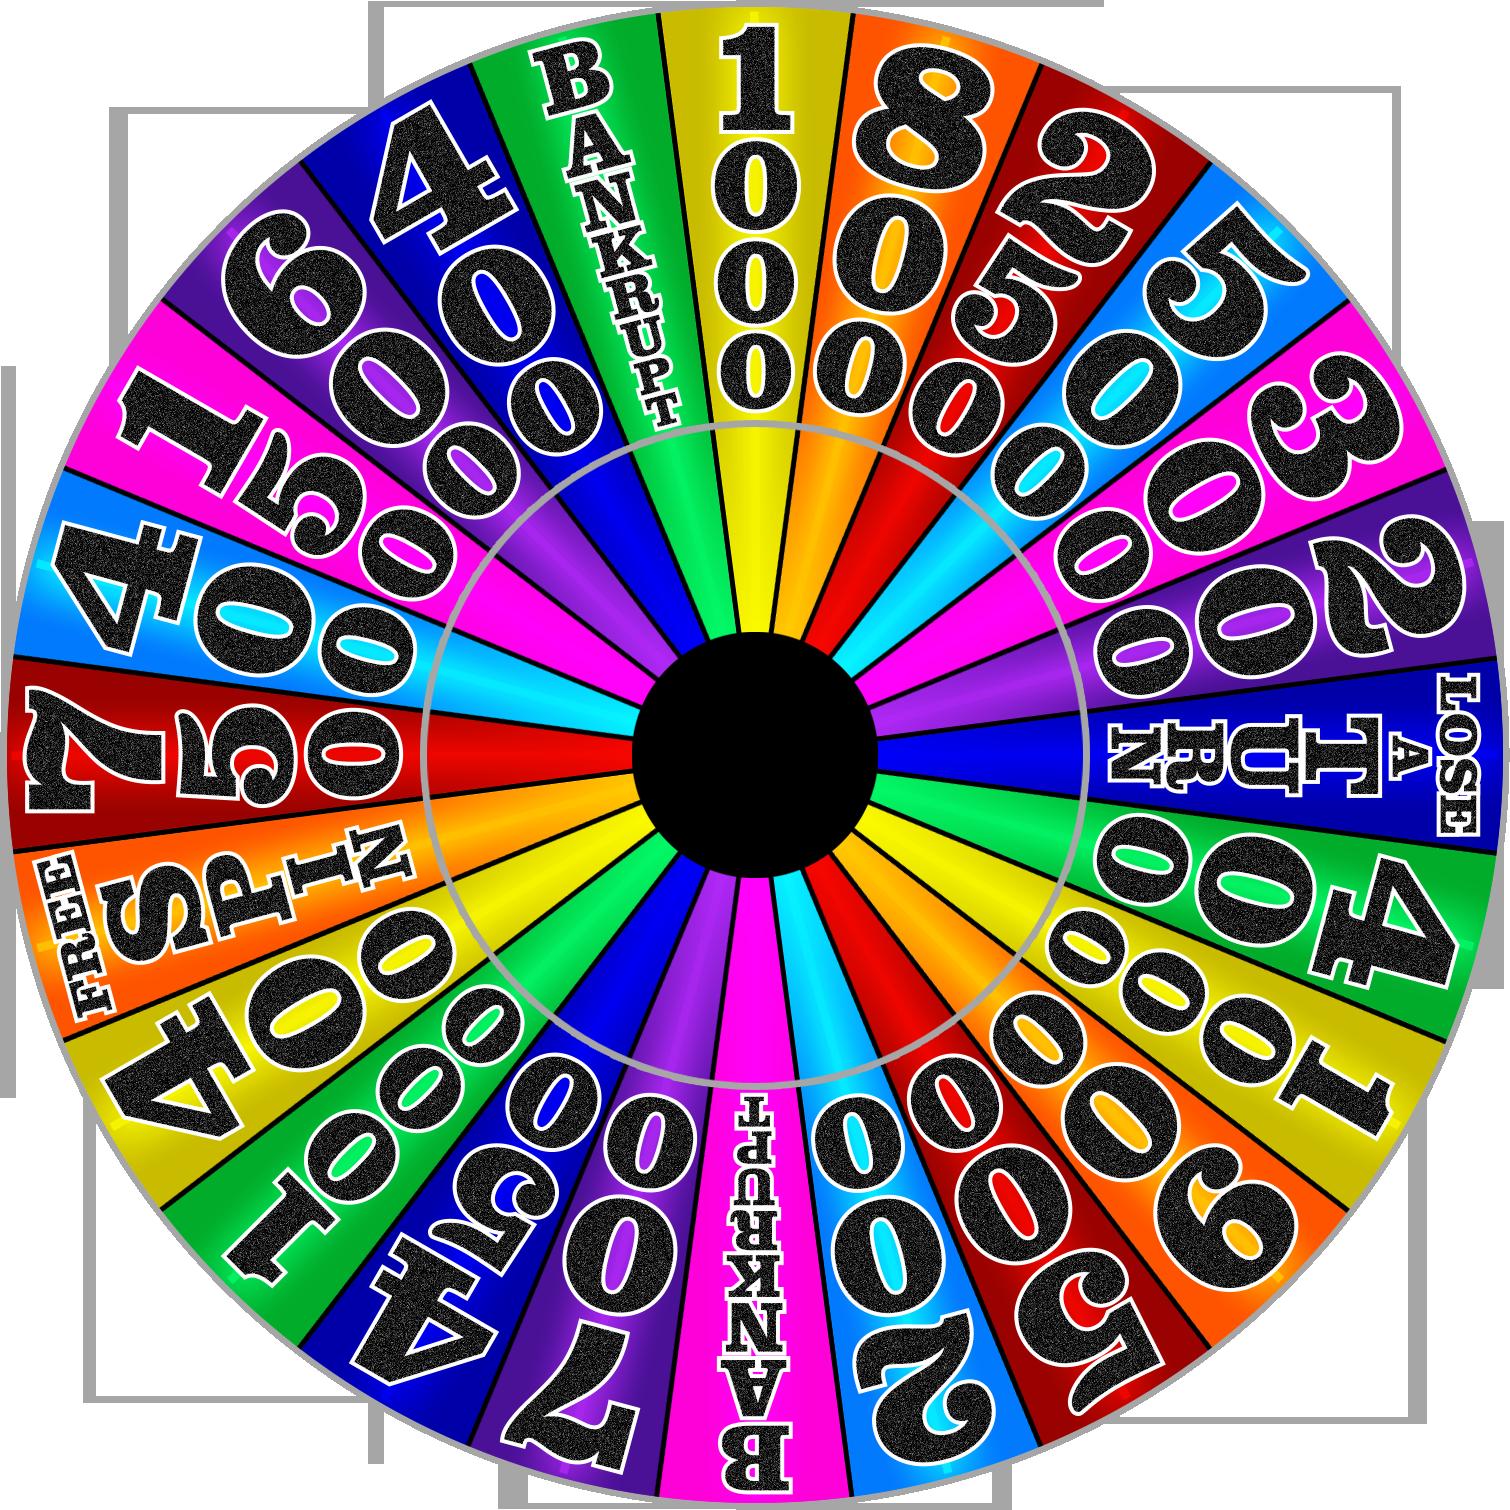 UK Wheel of Fortune - 1998 - Round 3 by wheelgenius